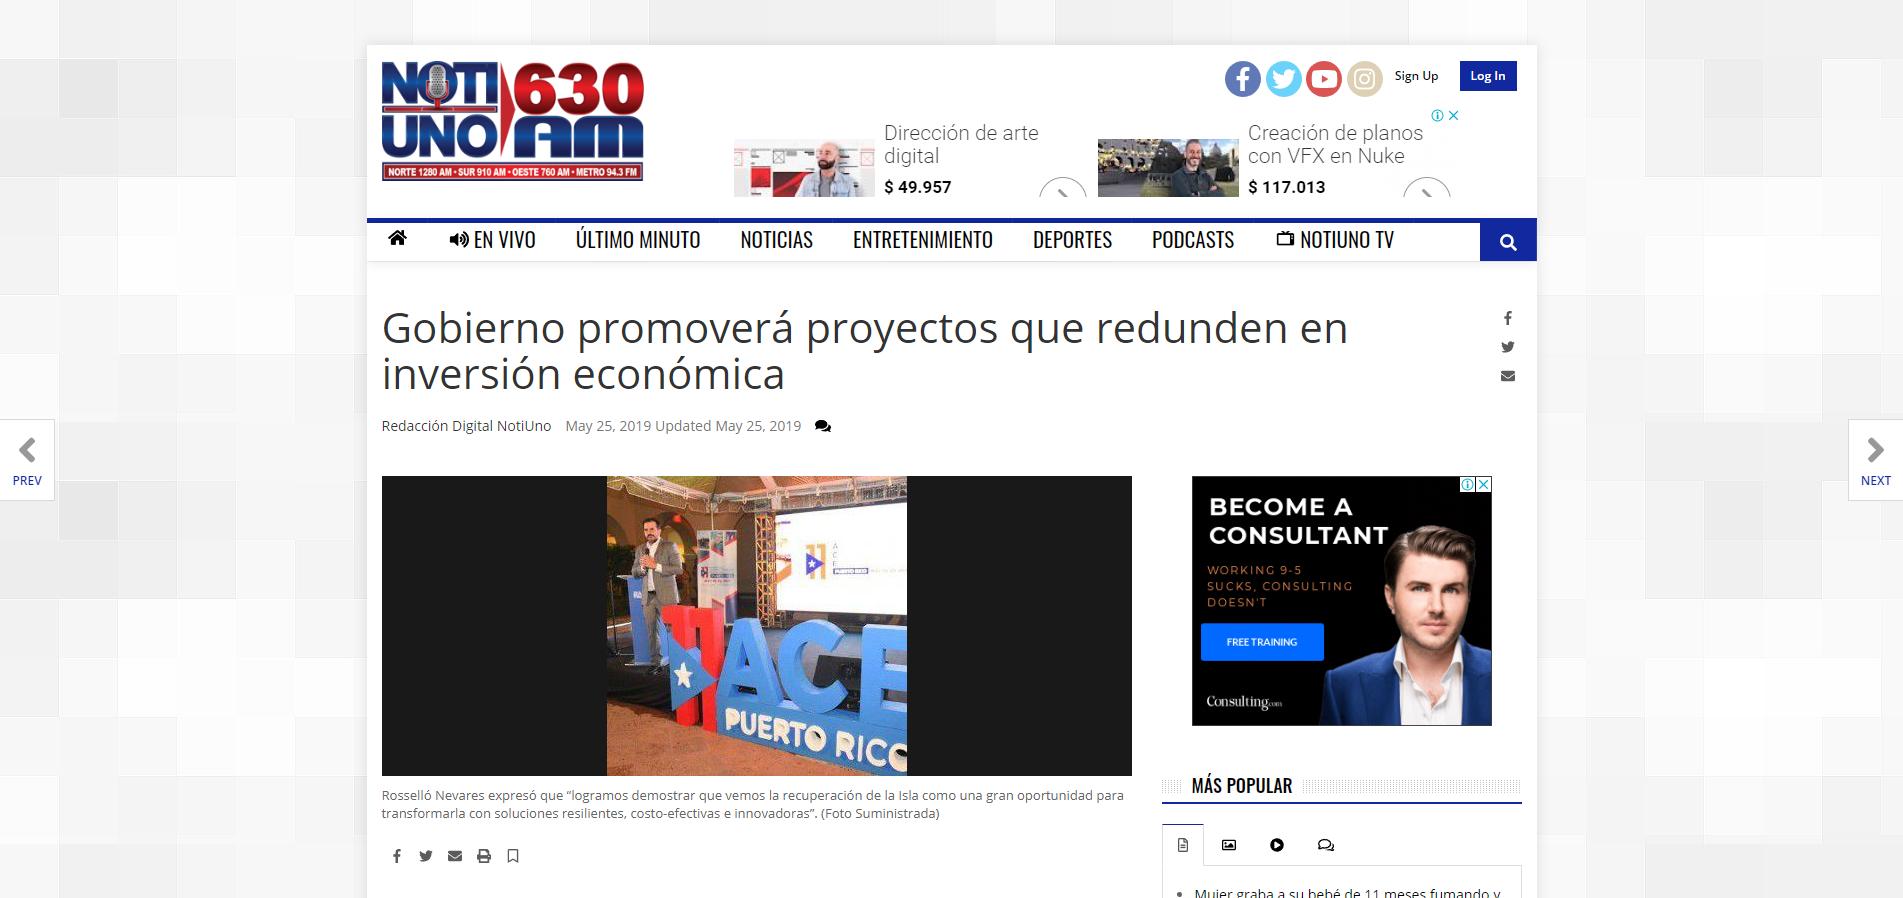 """""""Gobierno Promoverá Proyectos que Redunden en Inversión Económica"""", NotiUno, May 25, 2019"""